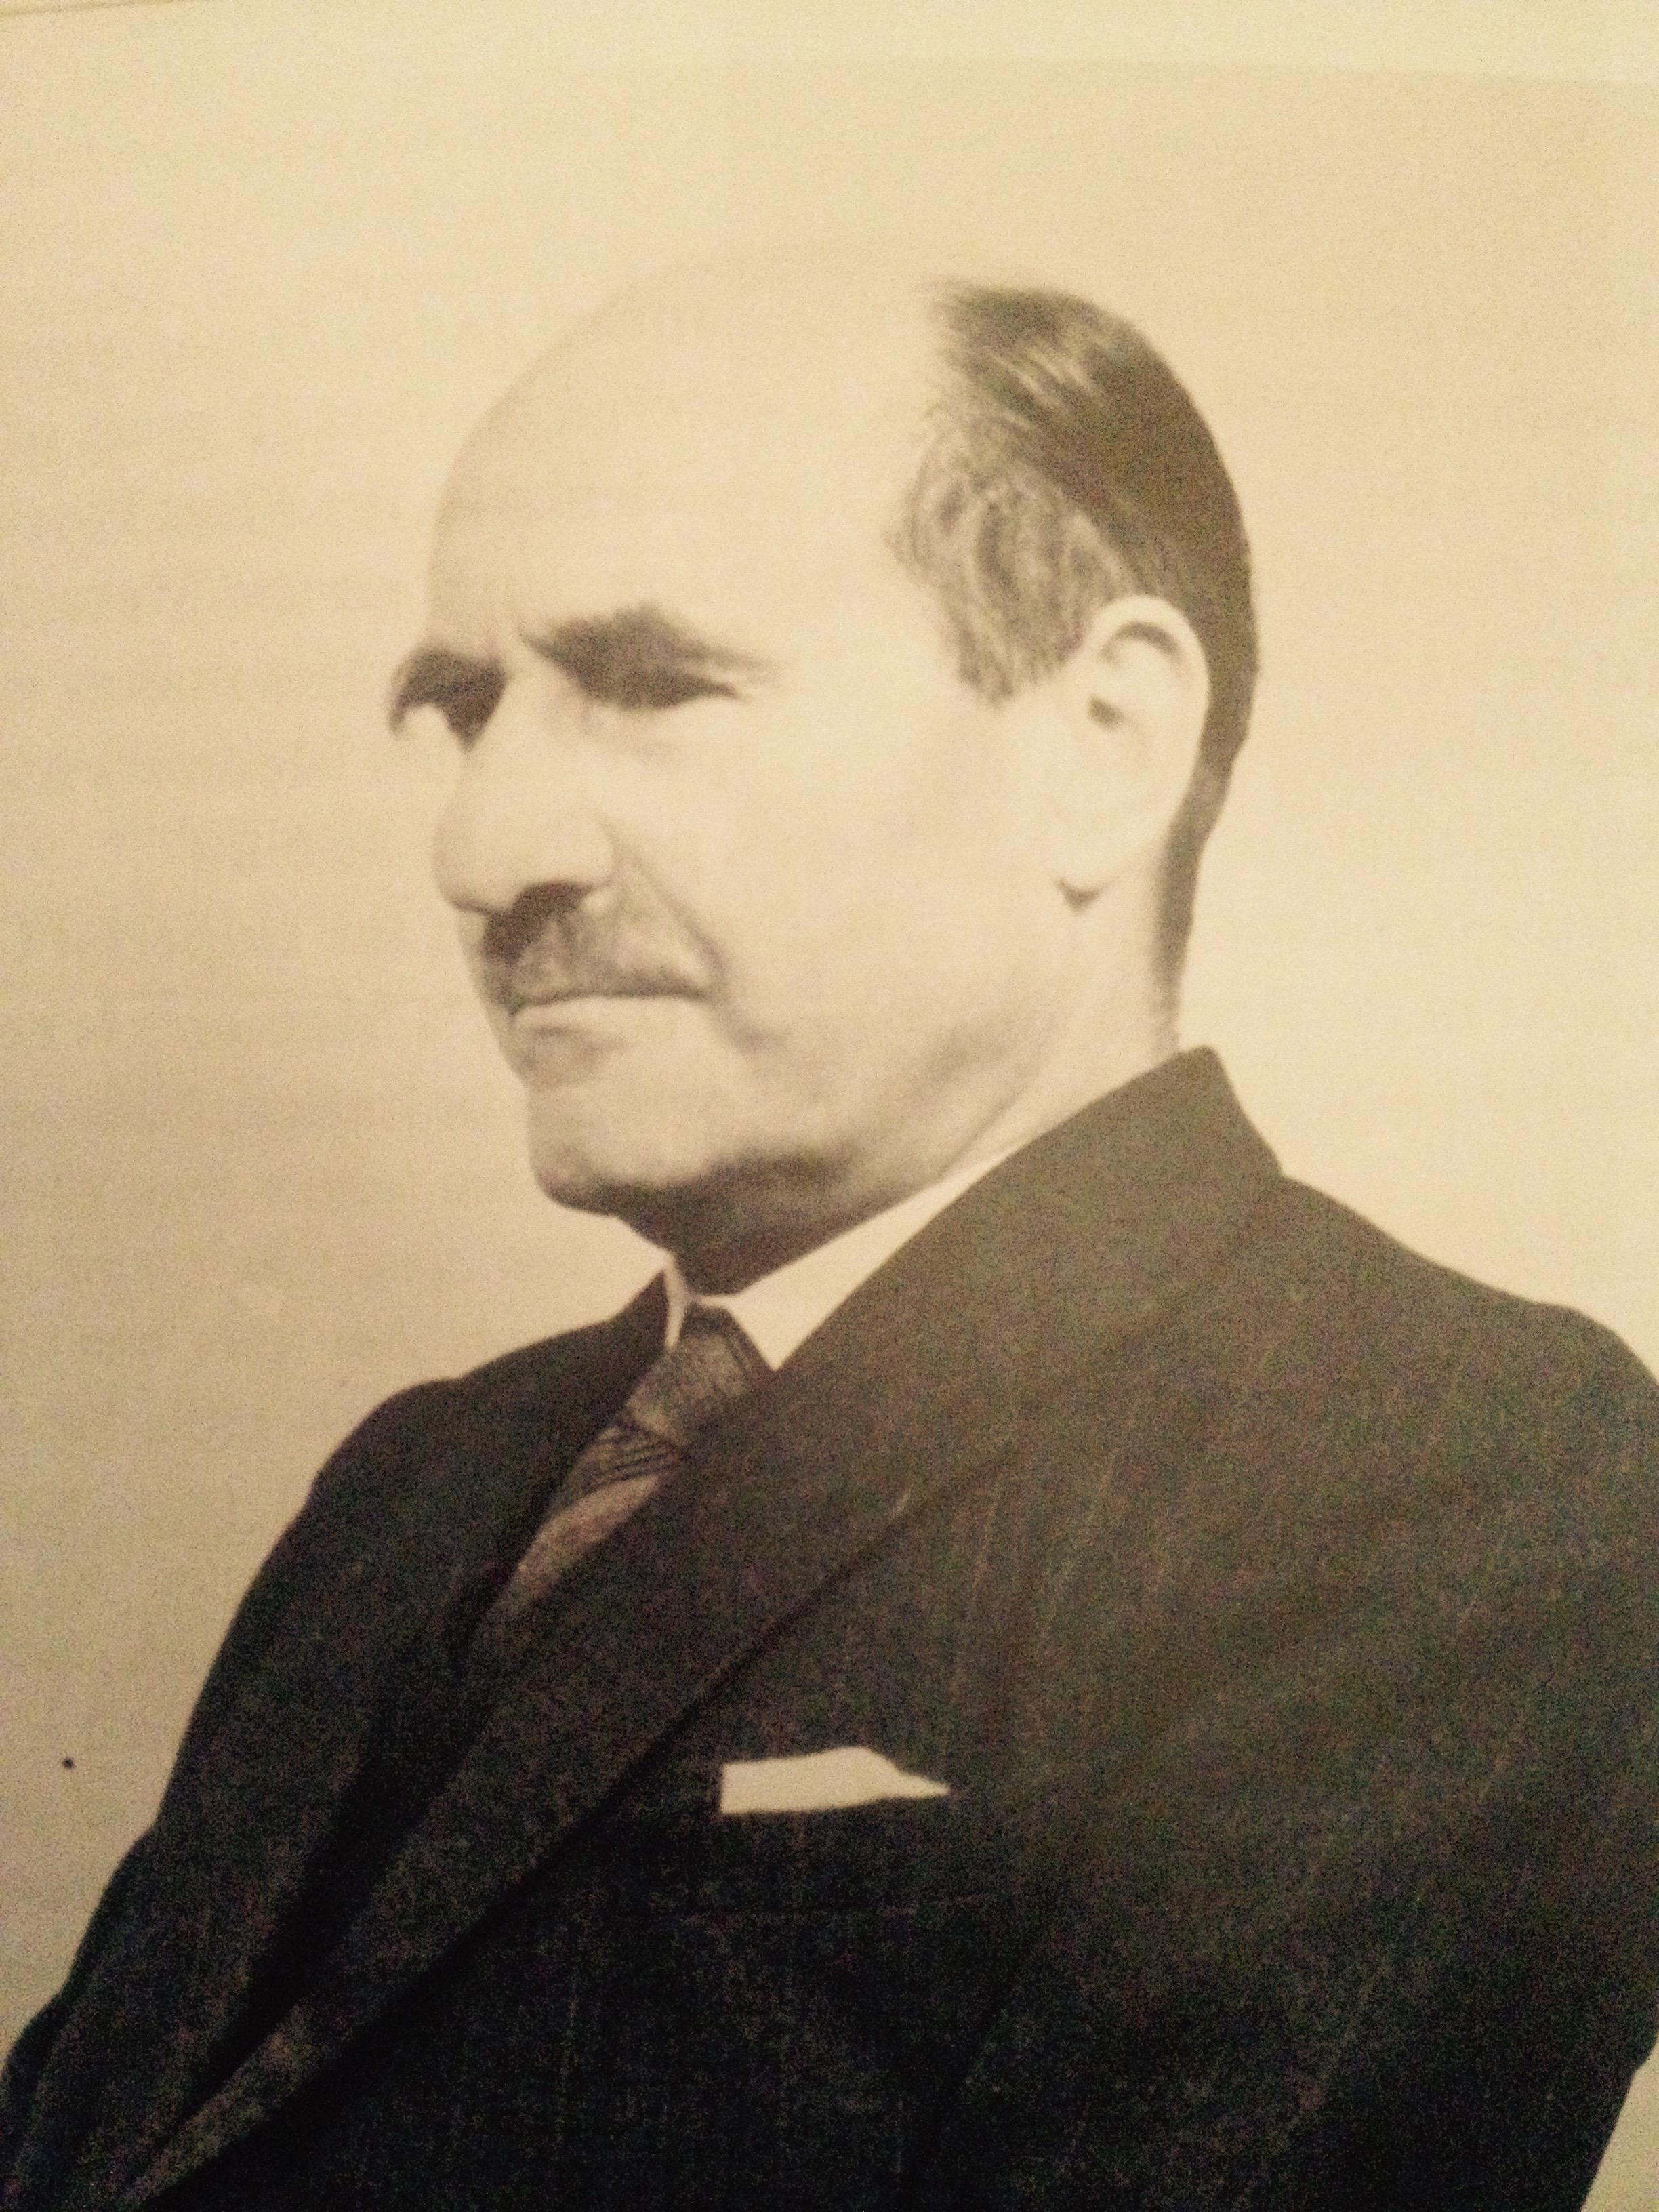 Dudley 'Q' Newitt